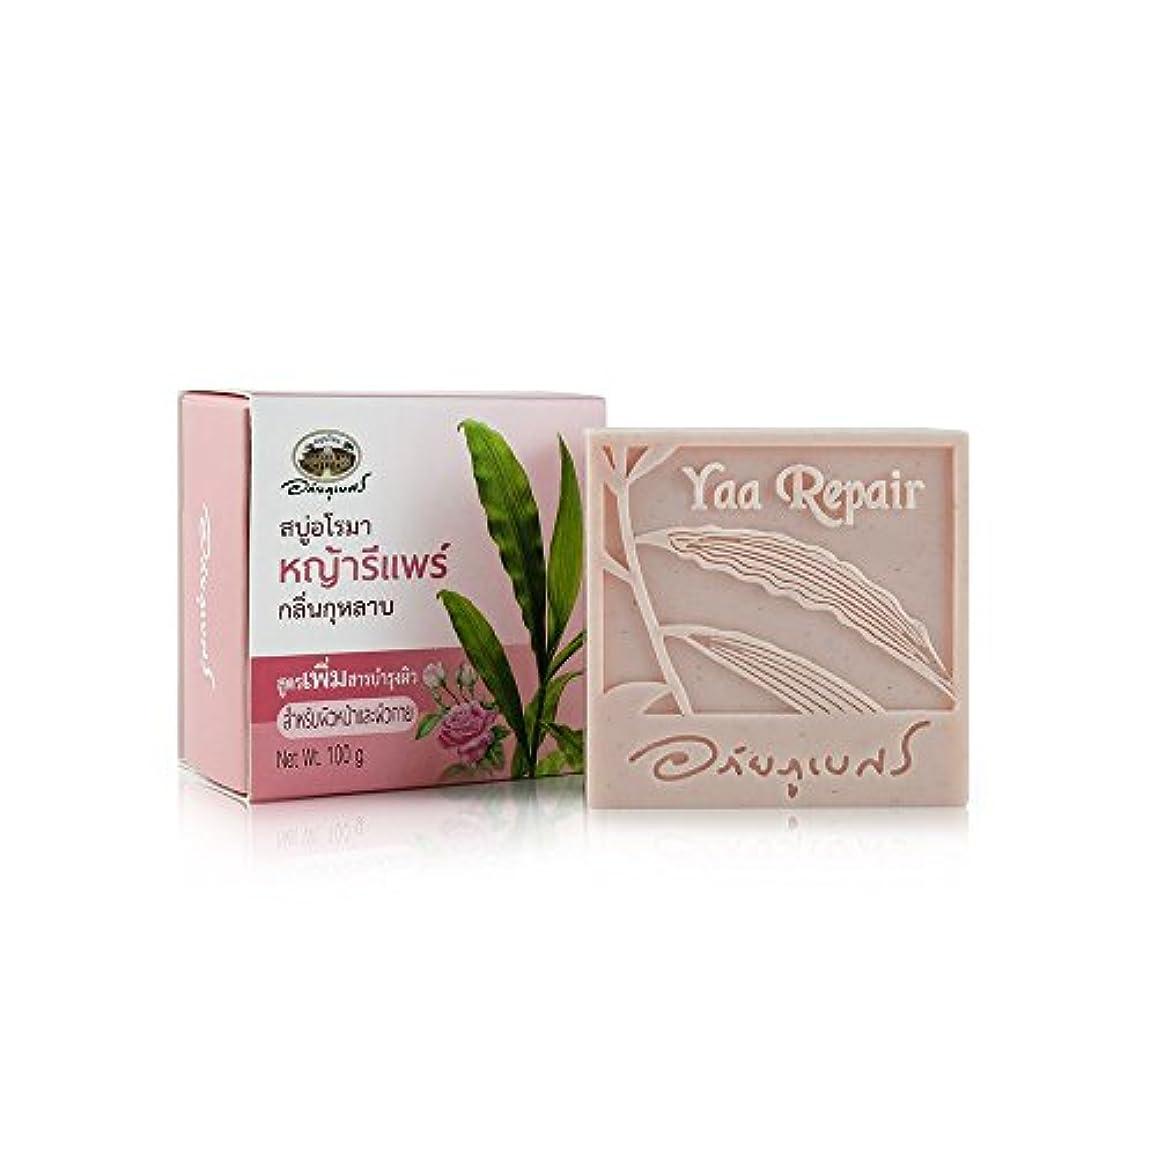 フェード何年金受給者Abhaibhubejhr Thai Aromatherapy With Rose Skin Care Formula Herbal Body Face Cleaning Soap 100g. Abhaibhubejhr...